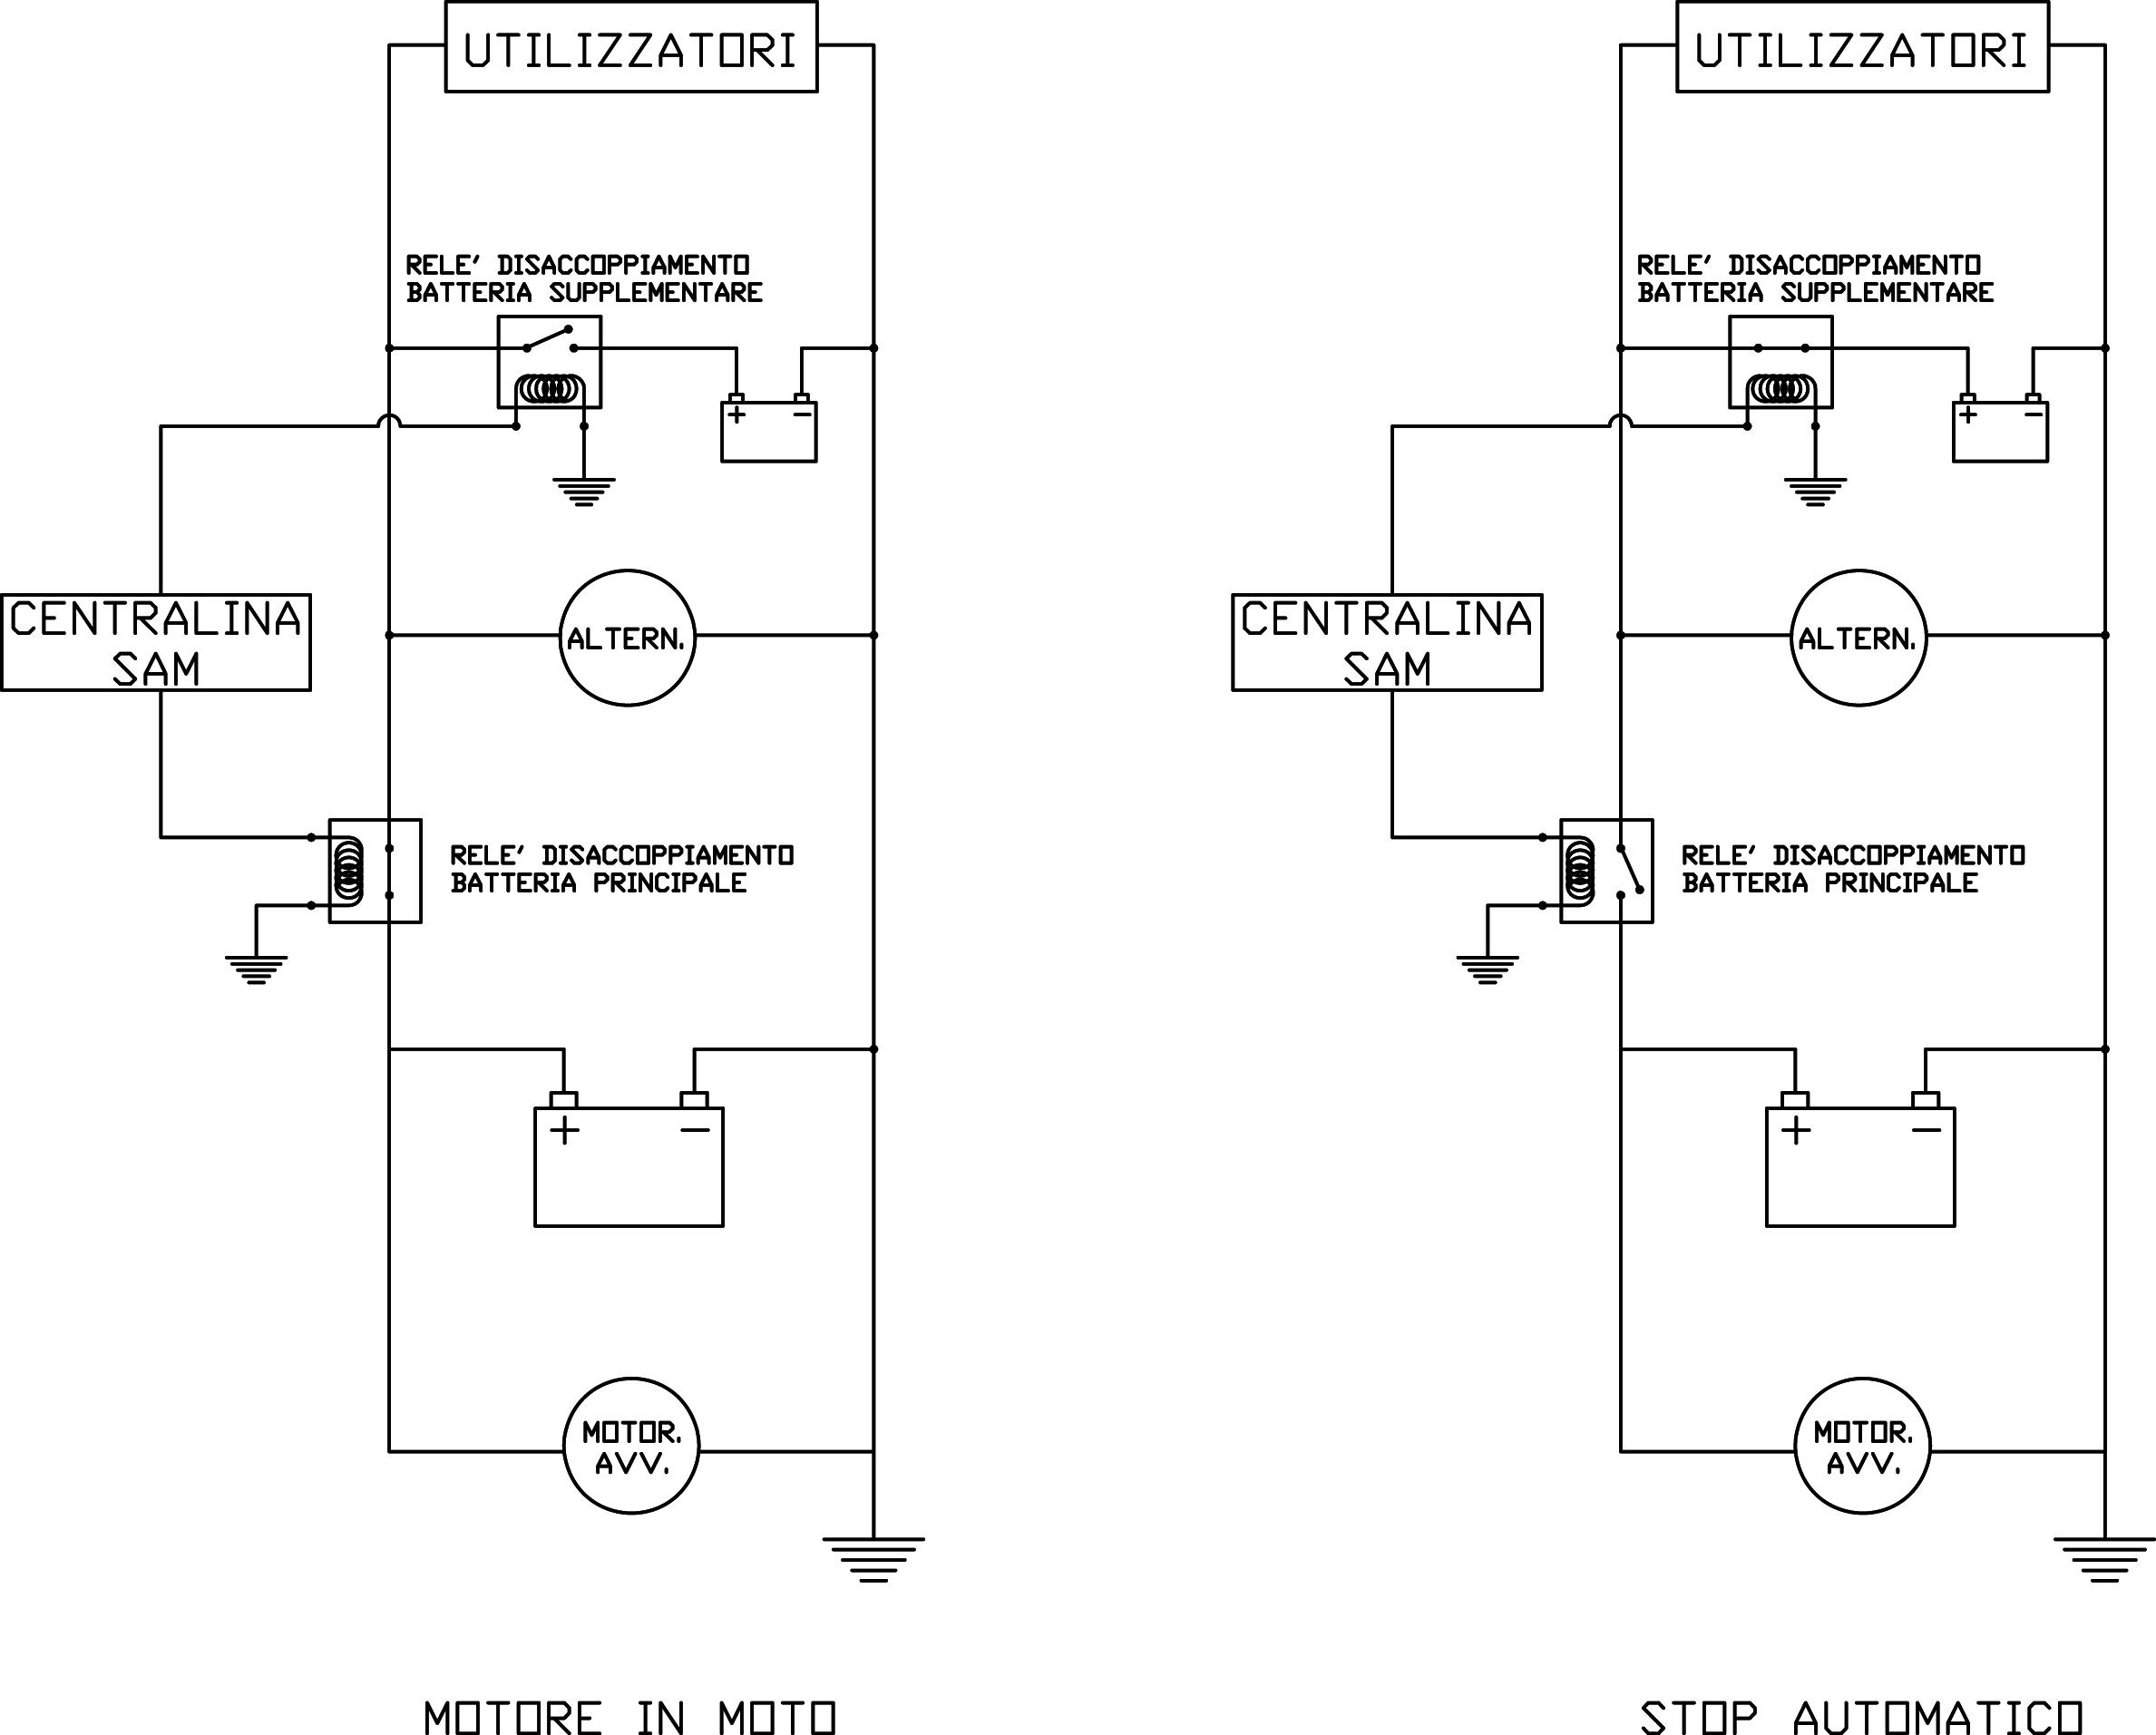 Schema Elettrico Tergicristallo 5 Fili : Lubriroma note tecniche per l elettronica